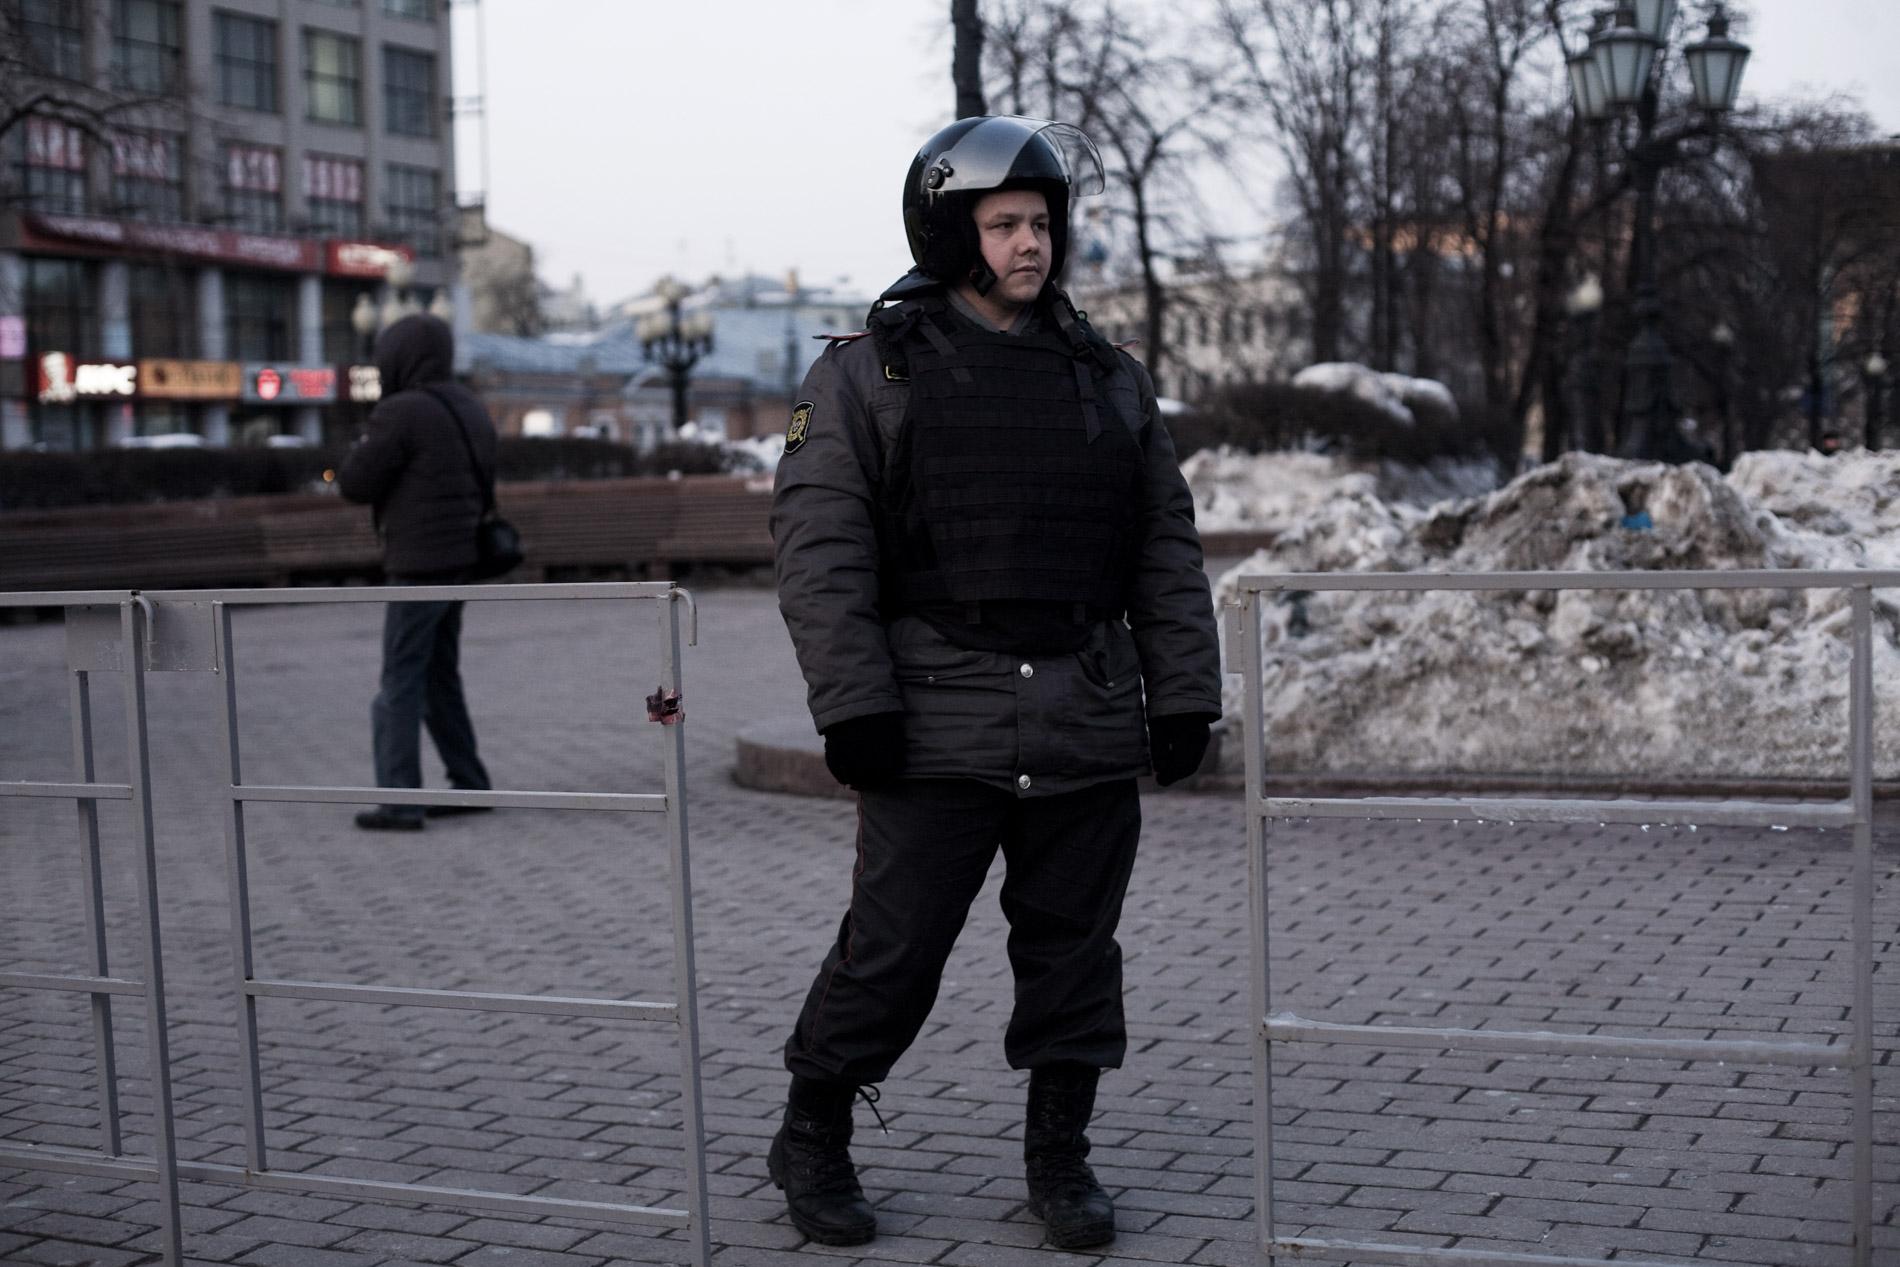 Une dizaine de manifestants opposes a Poutine ont essaye de se reunir place Pouchkinskaya, malgre les dizaines de policiers. le 6 mars 2012 a Moscou